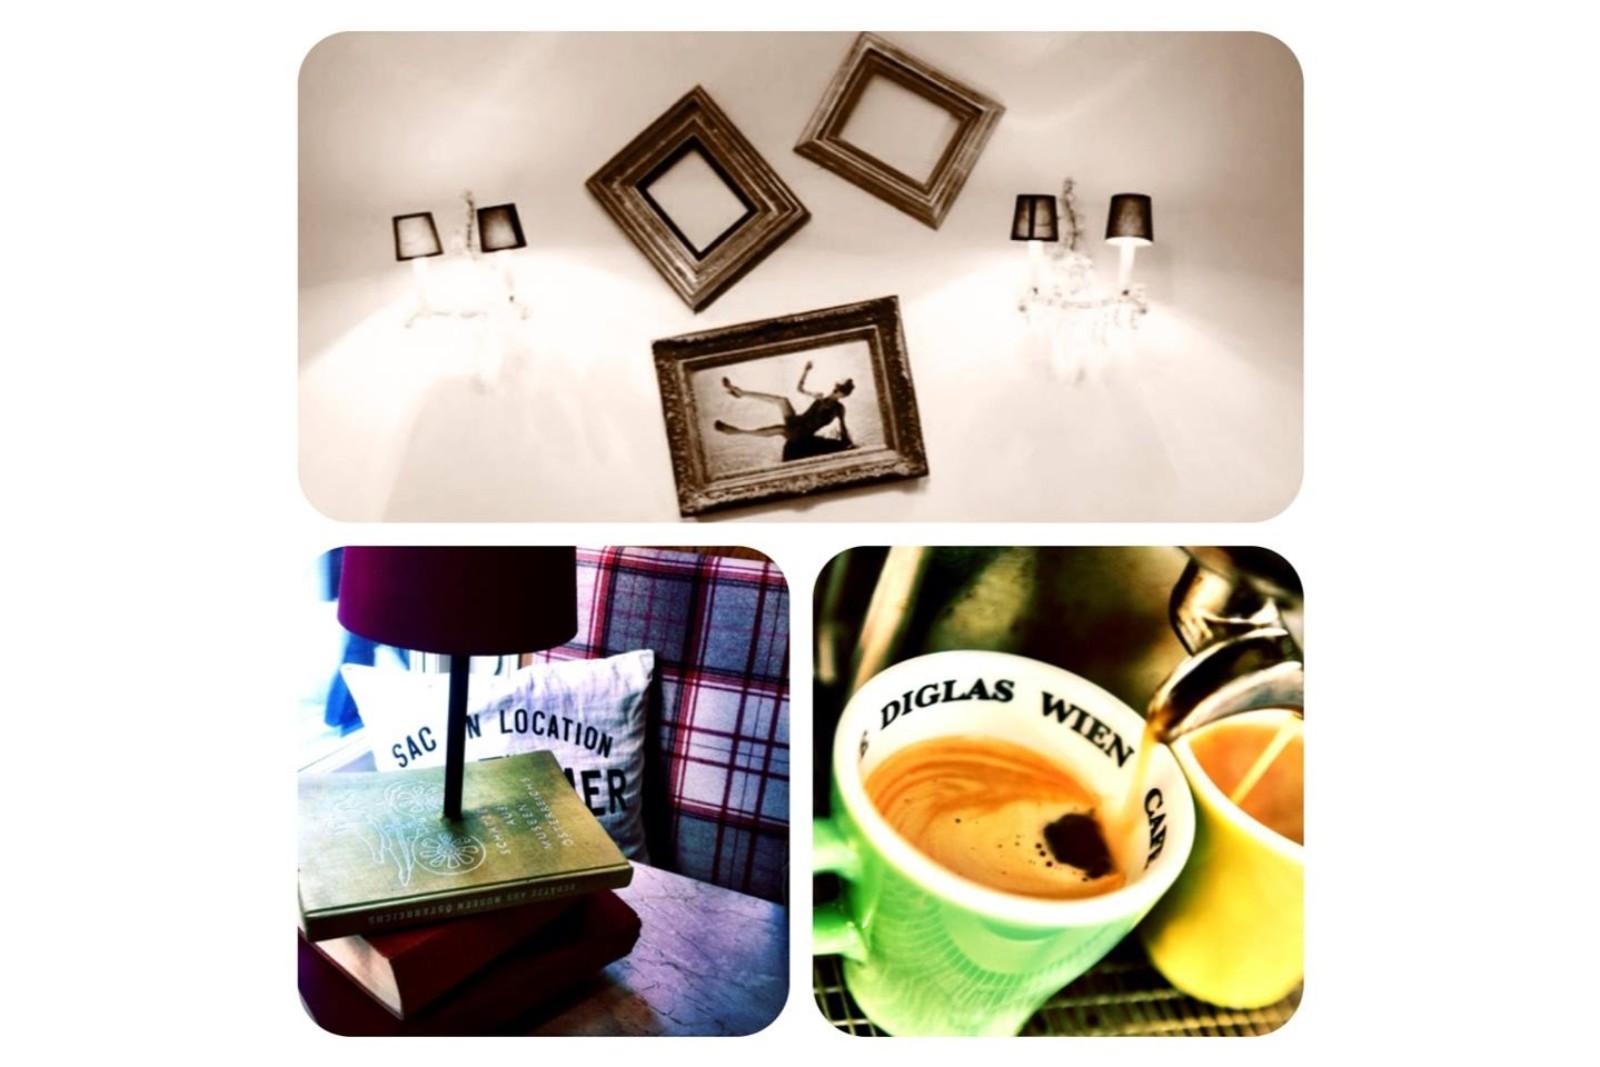 Café Diglas am Fleischmarkt 2